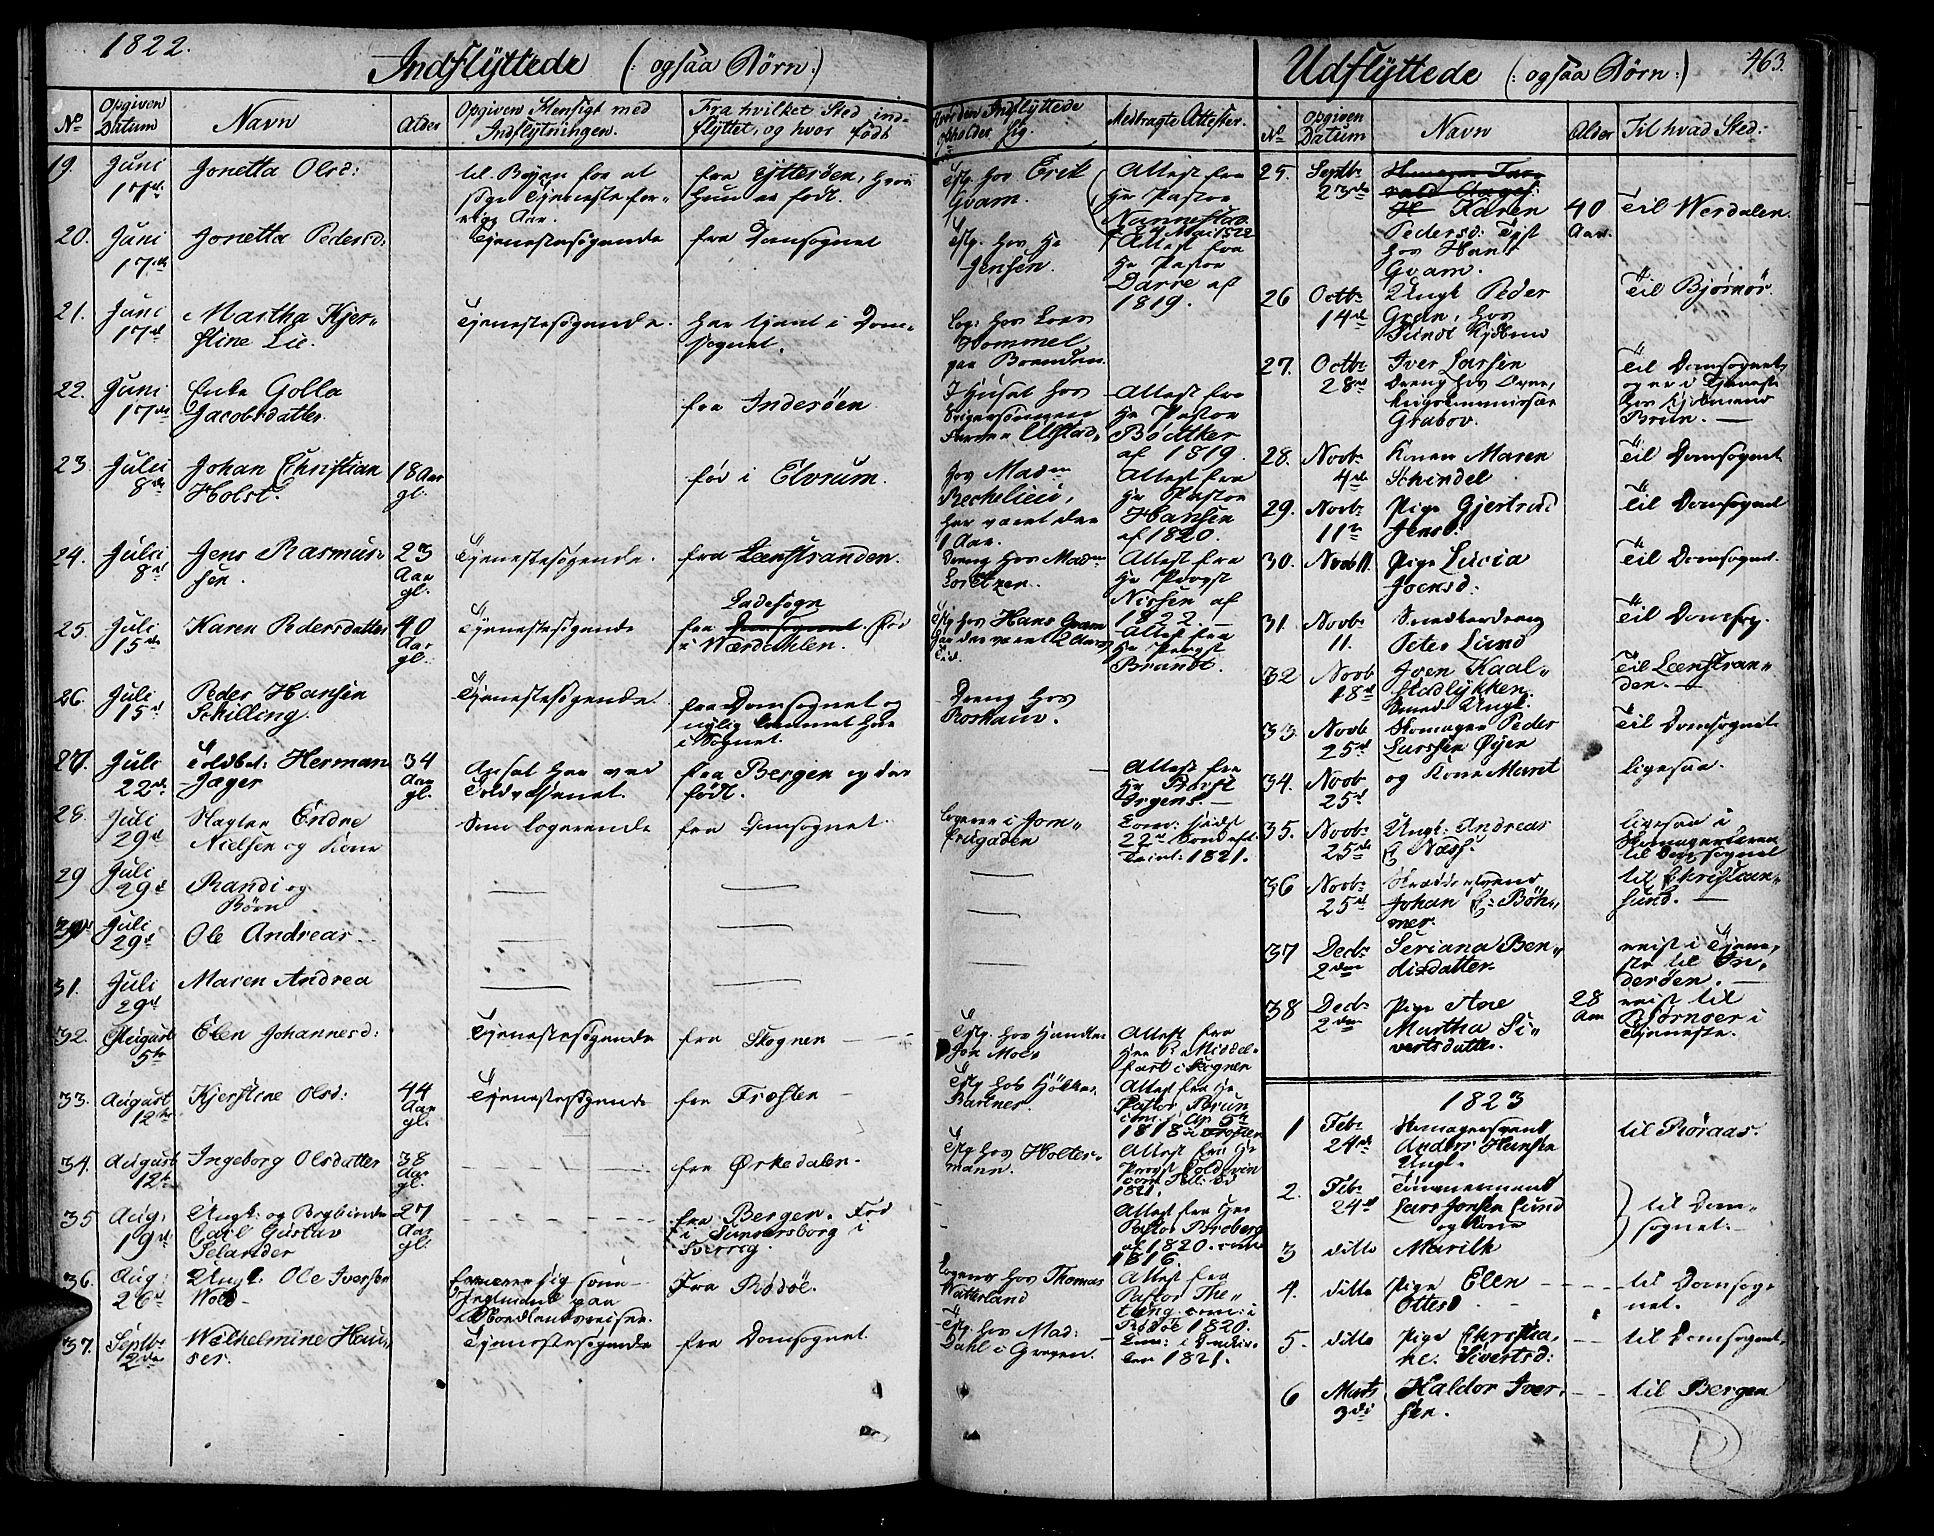 SAT, Ministerialprotokoller, klokkerbøker og fødselsregistre - Sør-Trøndelag, 602/L0109: Ministerialbok nr. 602A07, 1821-1840, s. 463